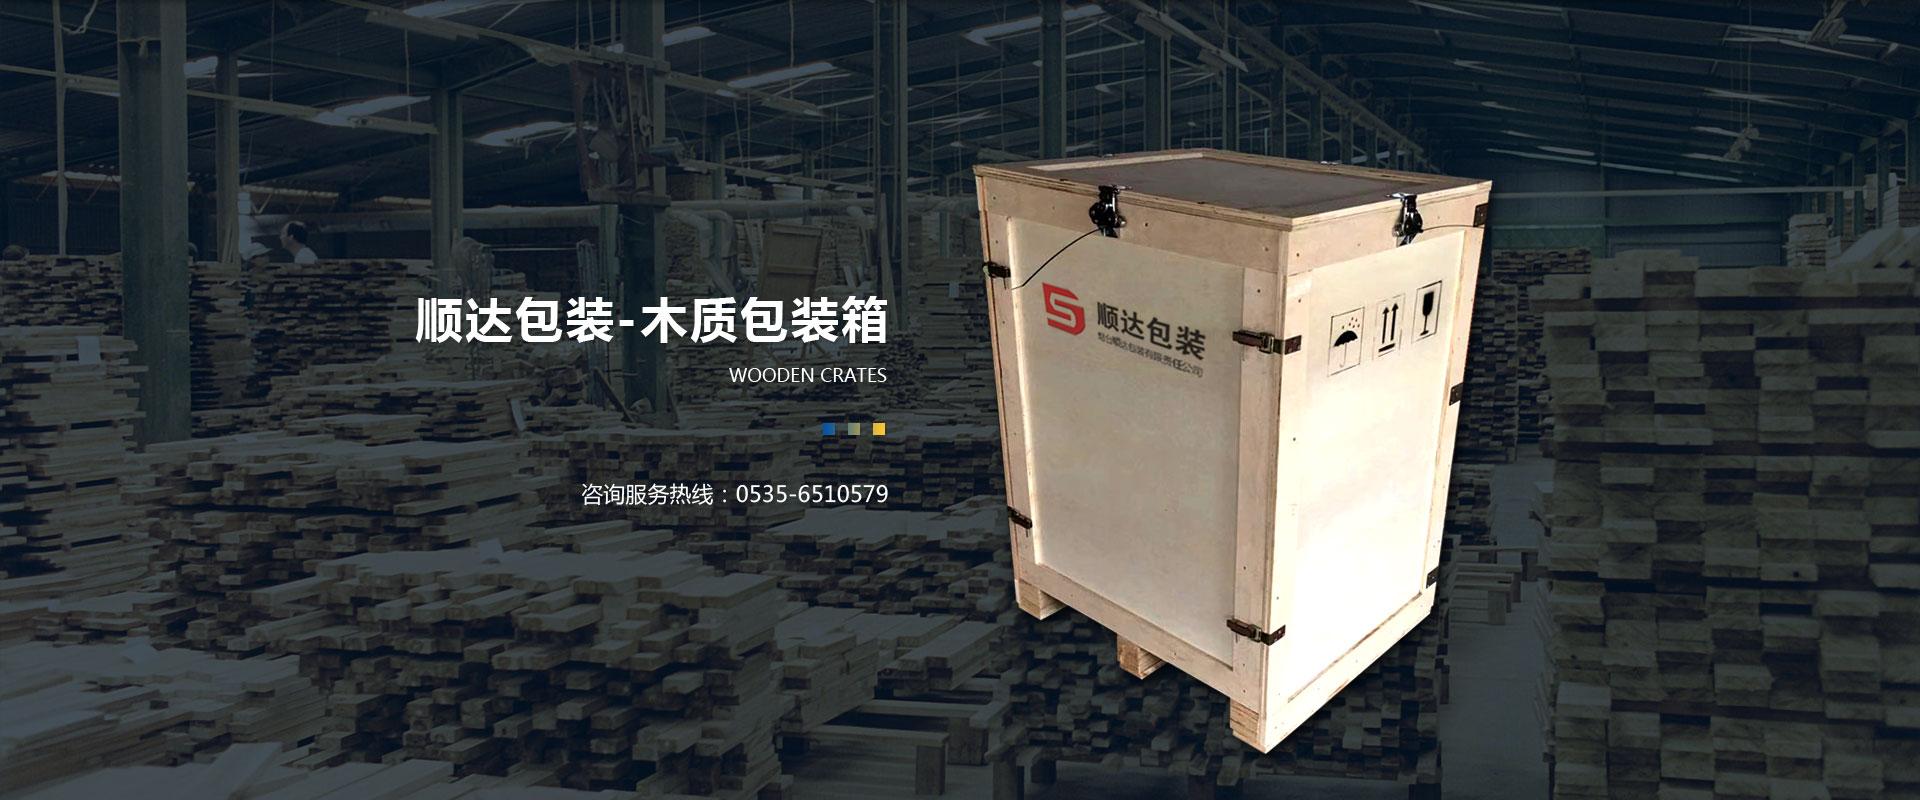 顺达包装-木质包装箱